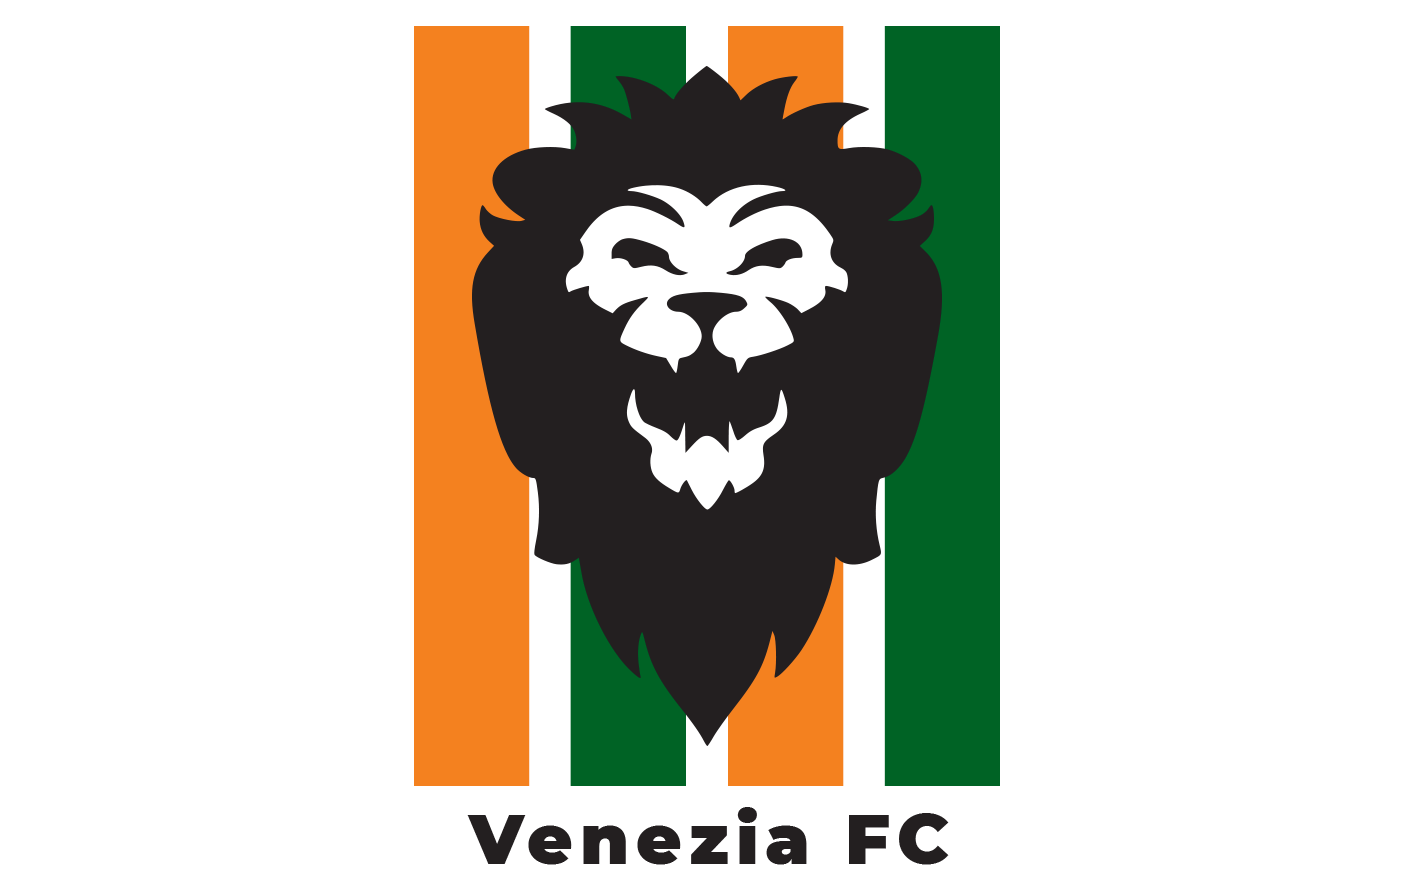 IQUII - Venezia FC